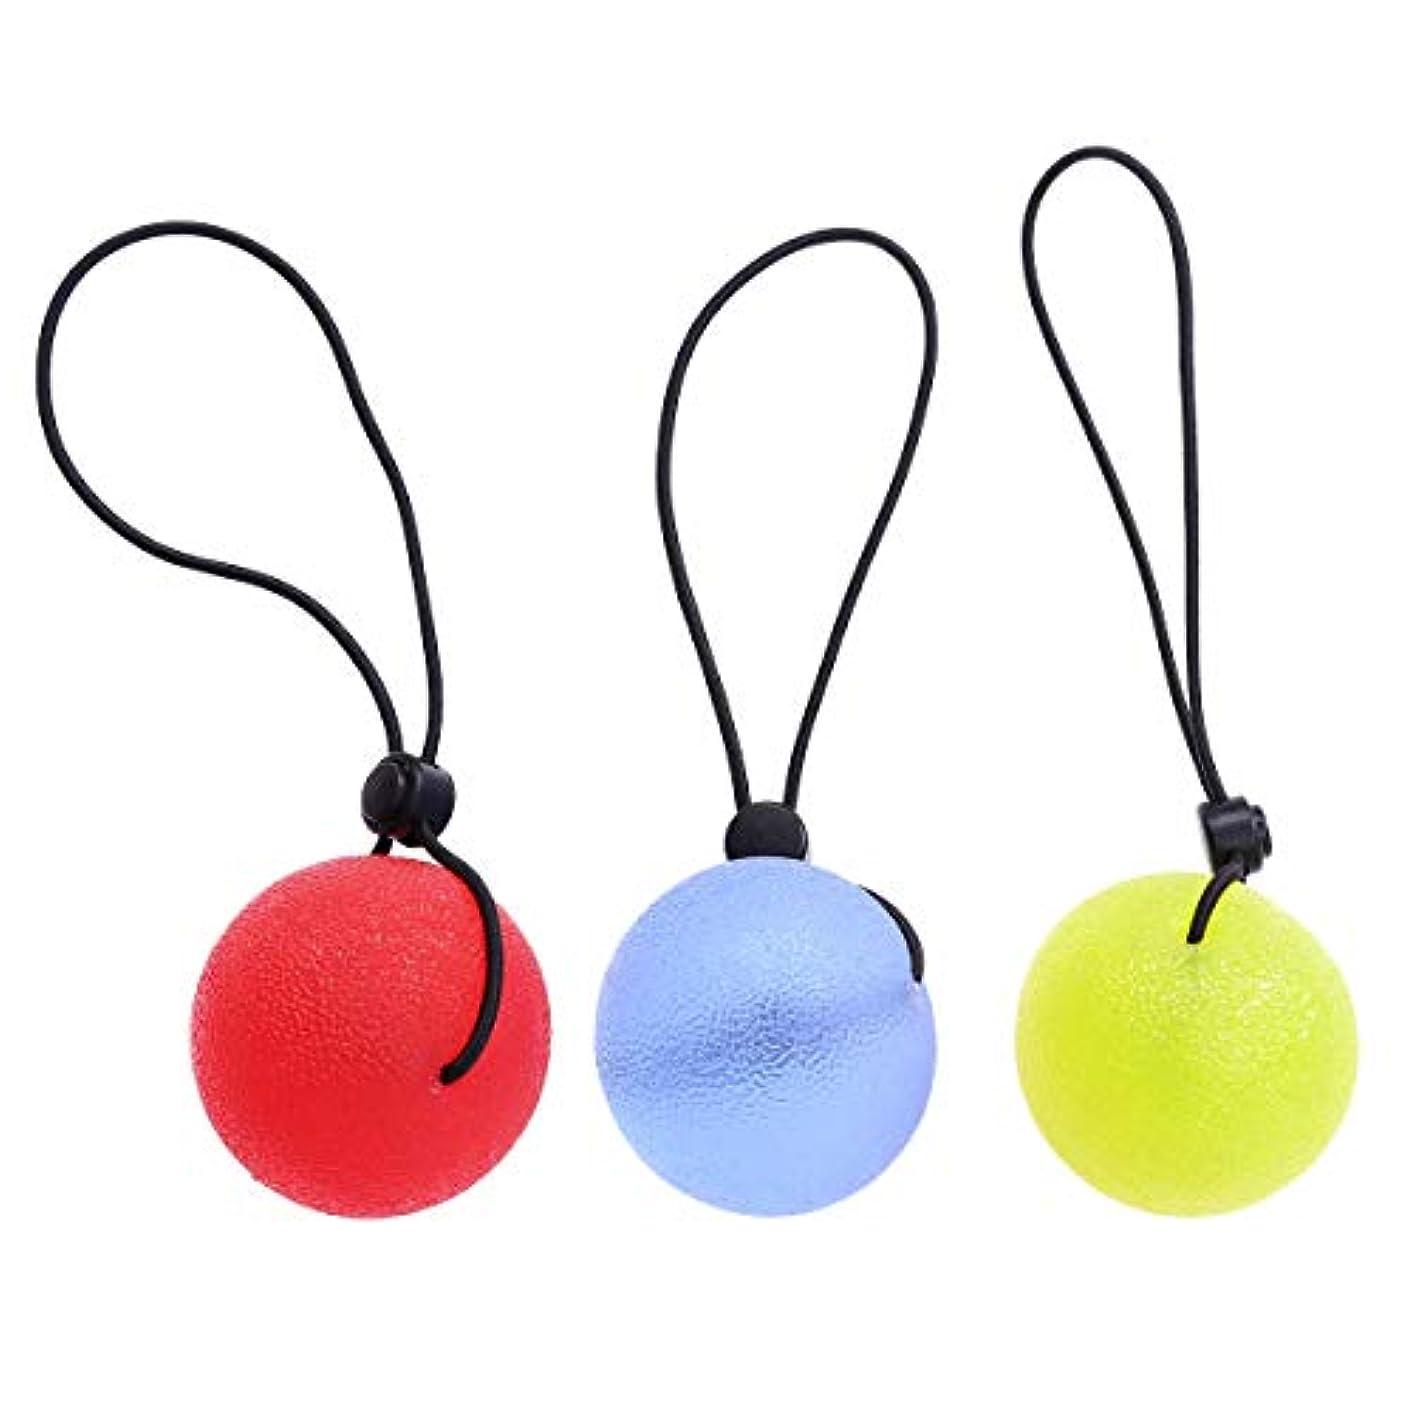 不公平ベーコン壁紙SUPVOX 3個シリコーングリップボールハンドエクササイズボールハンドセラピー強化剤トレーナー